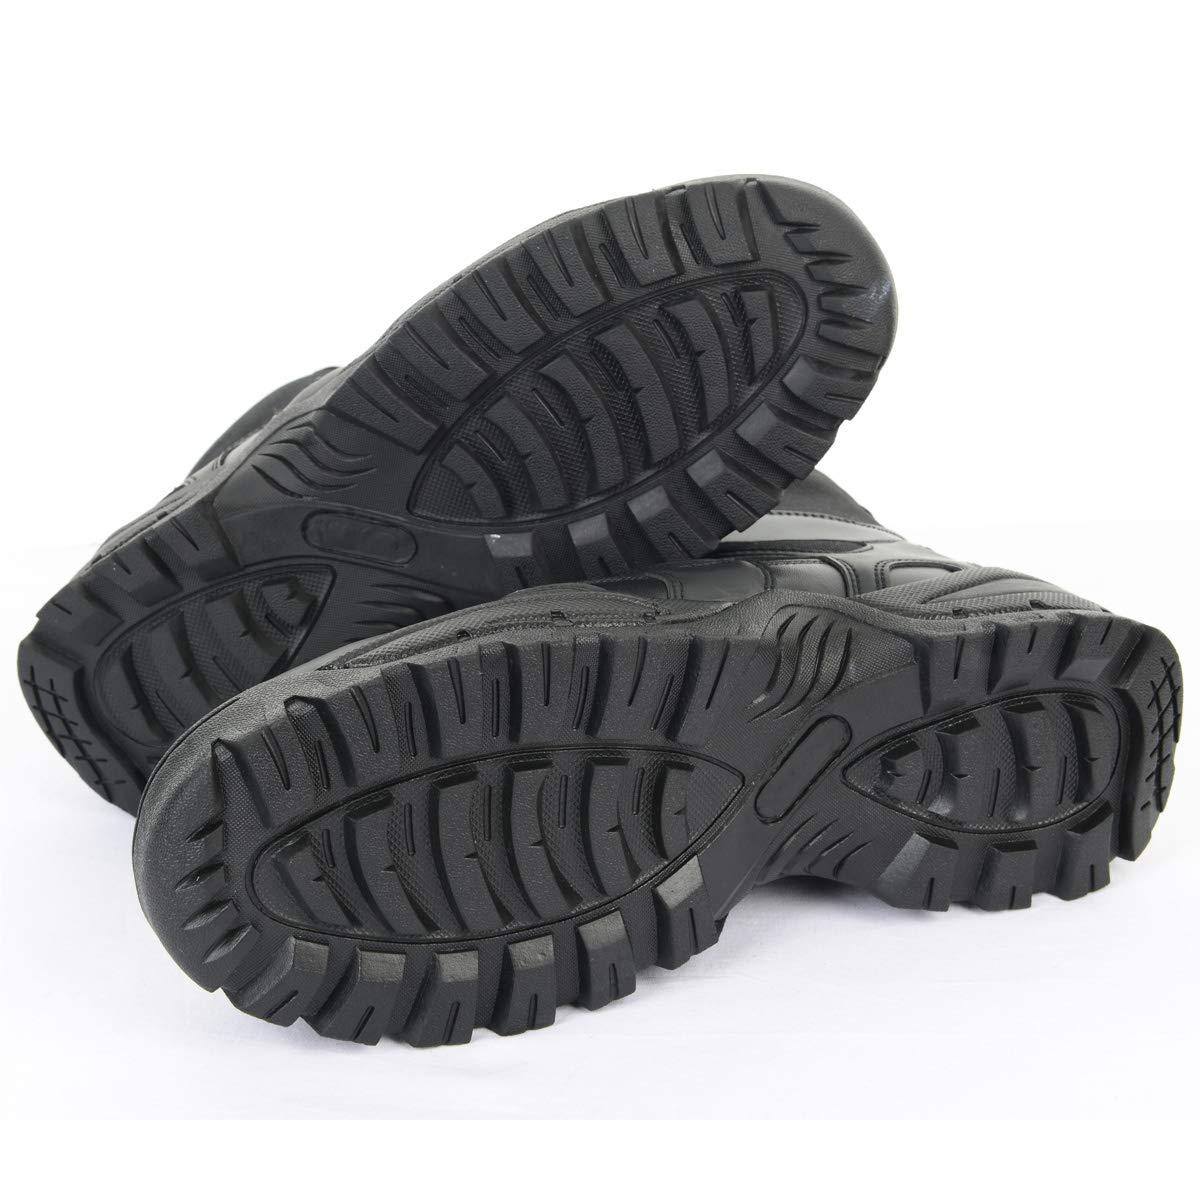 Botas para hombre negro negro talla 44 color negro Mil-Tec